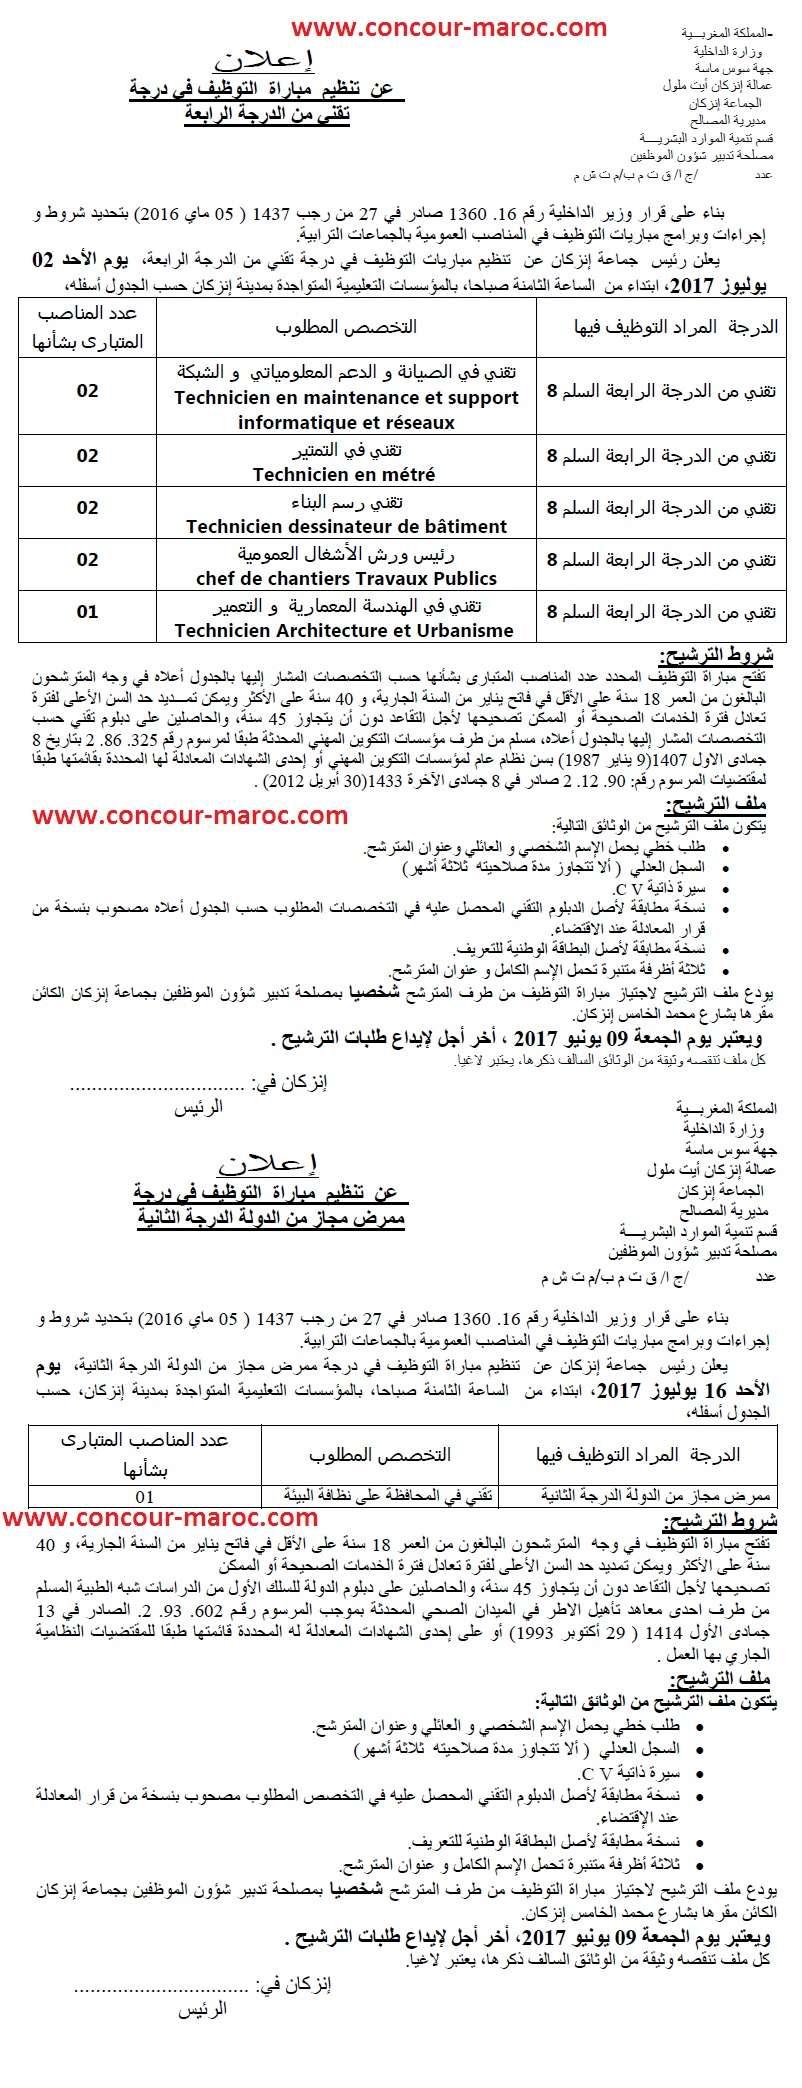 الجماعة الحضرية إنزكان :  إعلان عن تنظيم مباريات للتوظيف في عدة درجات (13 منصب) آخر أجل لإيداع الترشيحات 9 يونيو 2017  Conco116